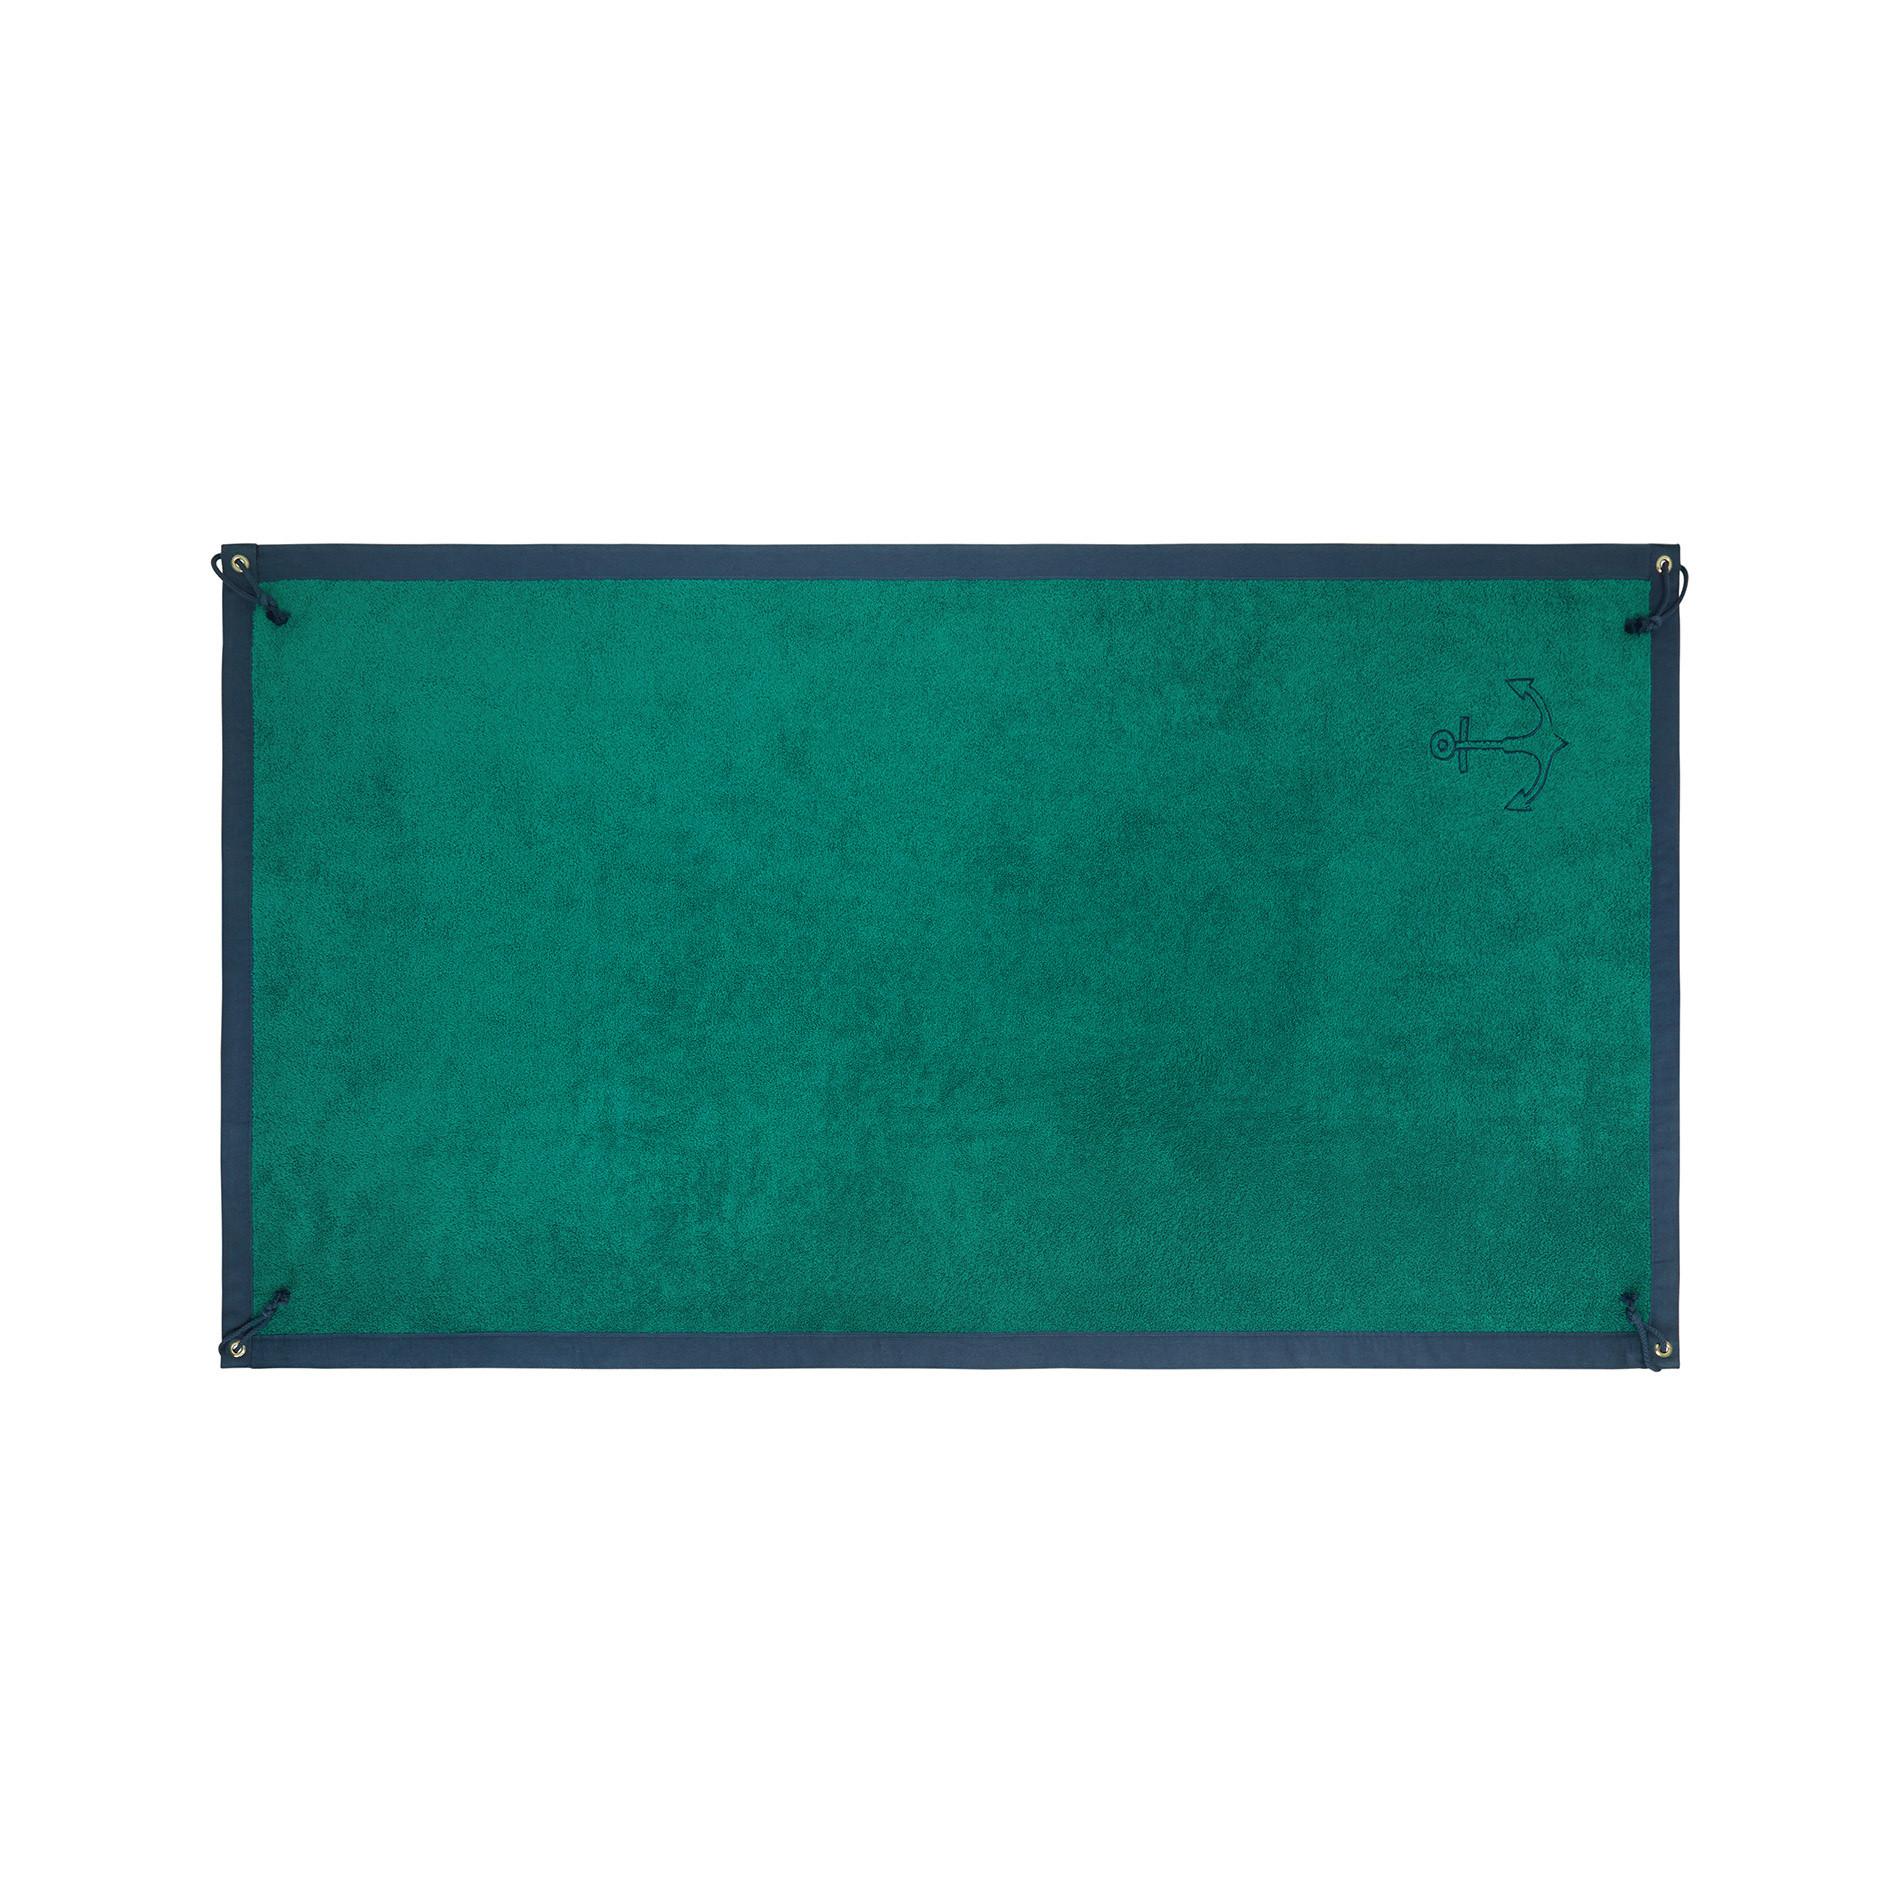 Telo mare spugna di cotone ricamo ancora, Verde scuro, large image number 0